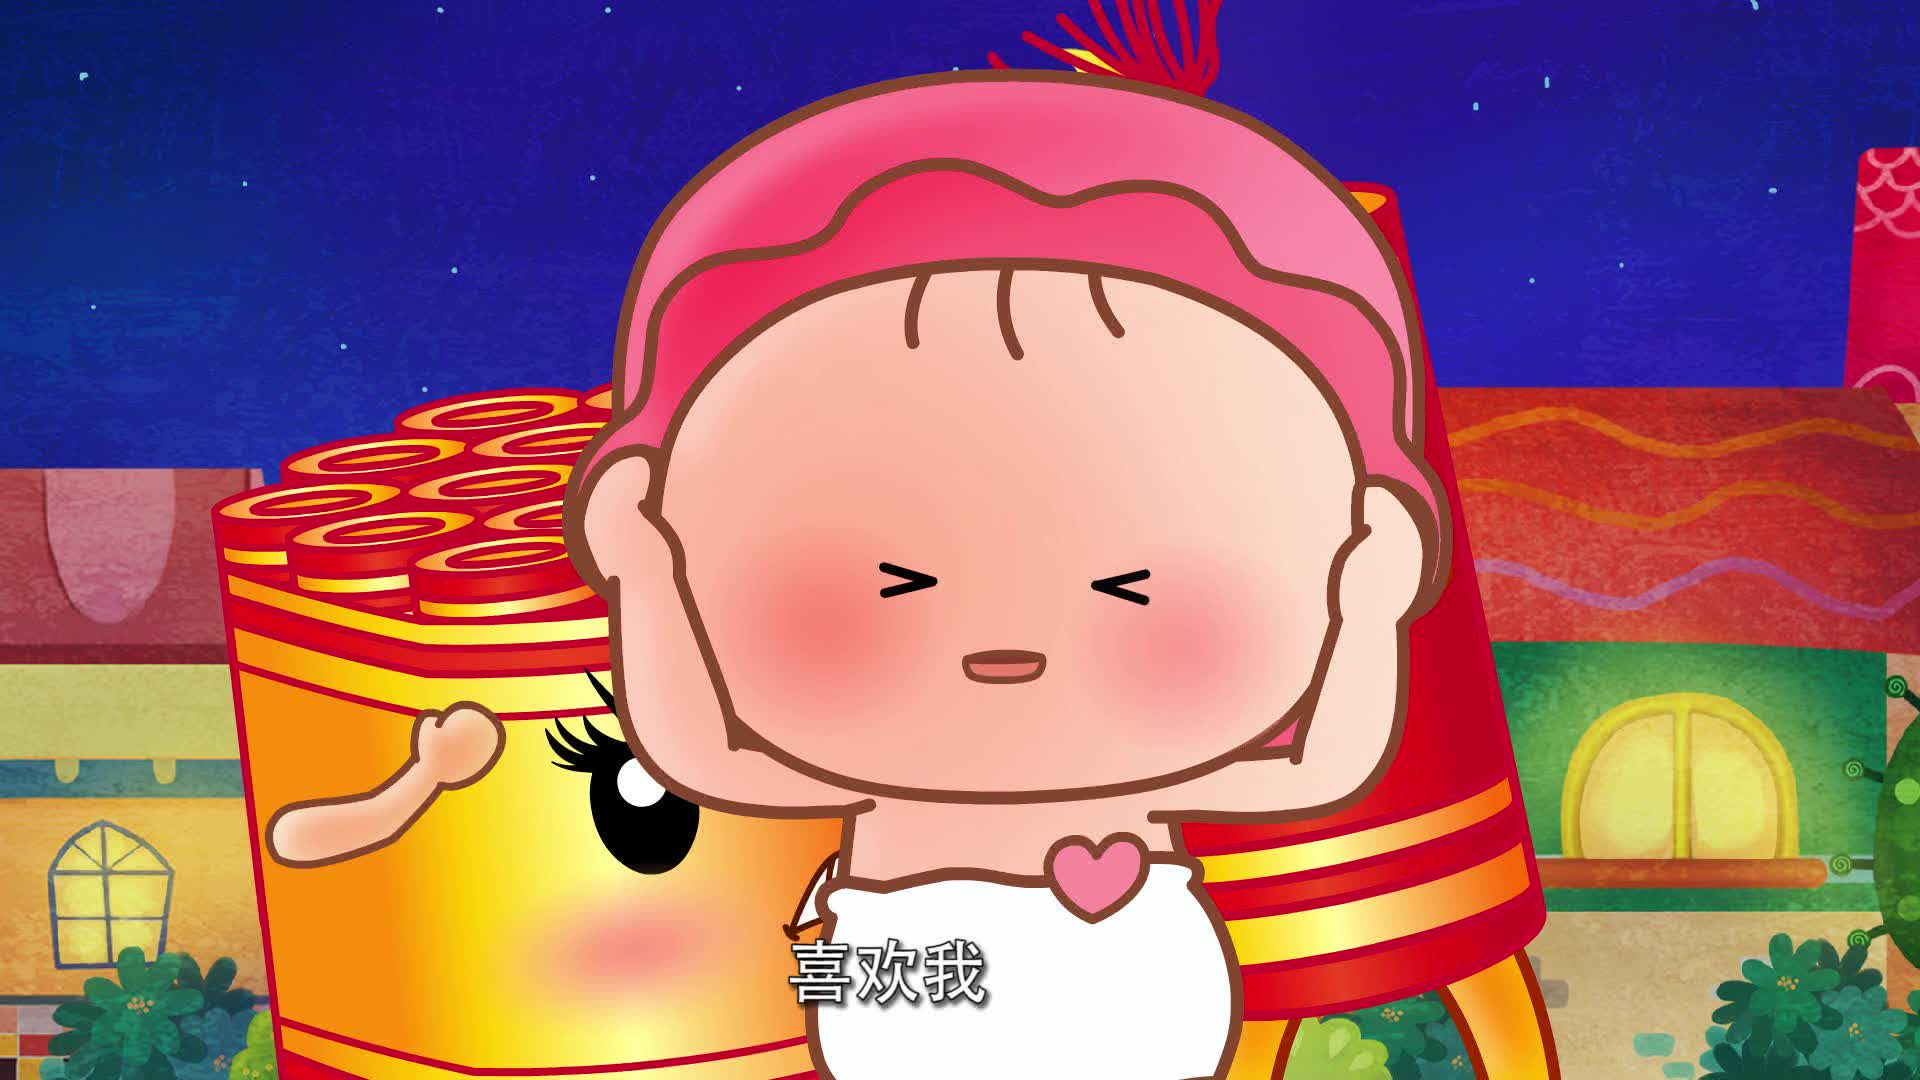 第14集《喜庆不忘讲文明 烟花爆竹不扰人》